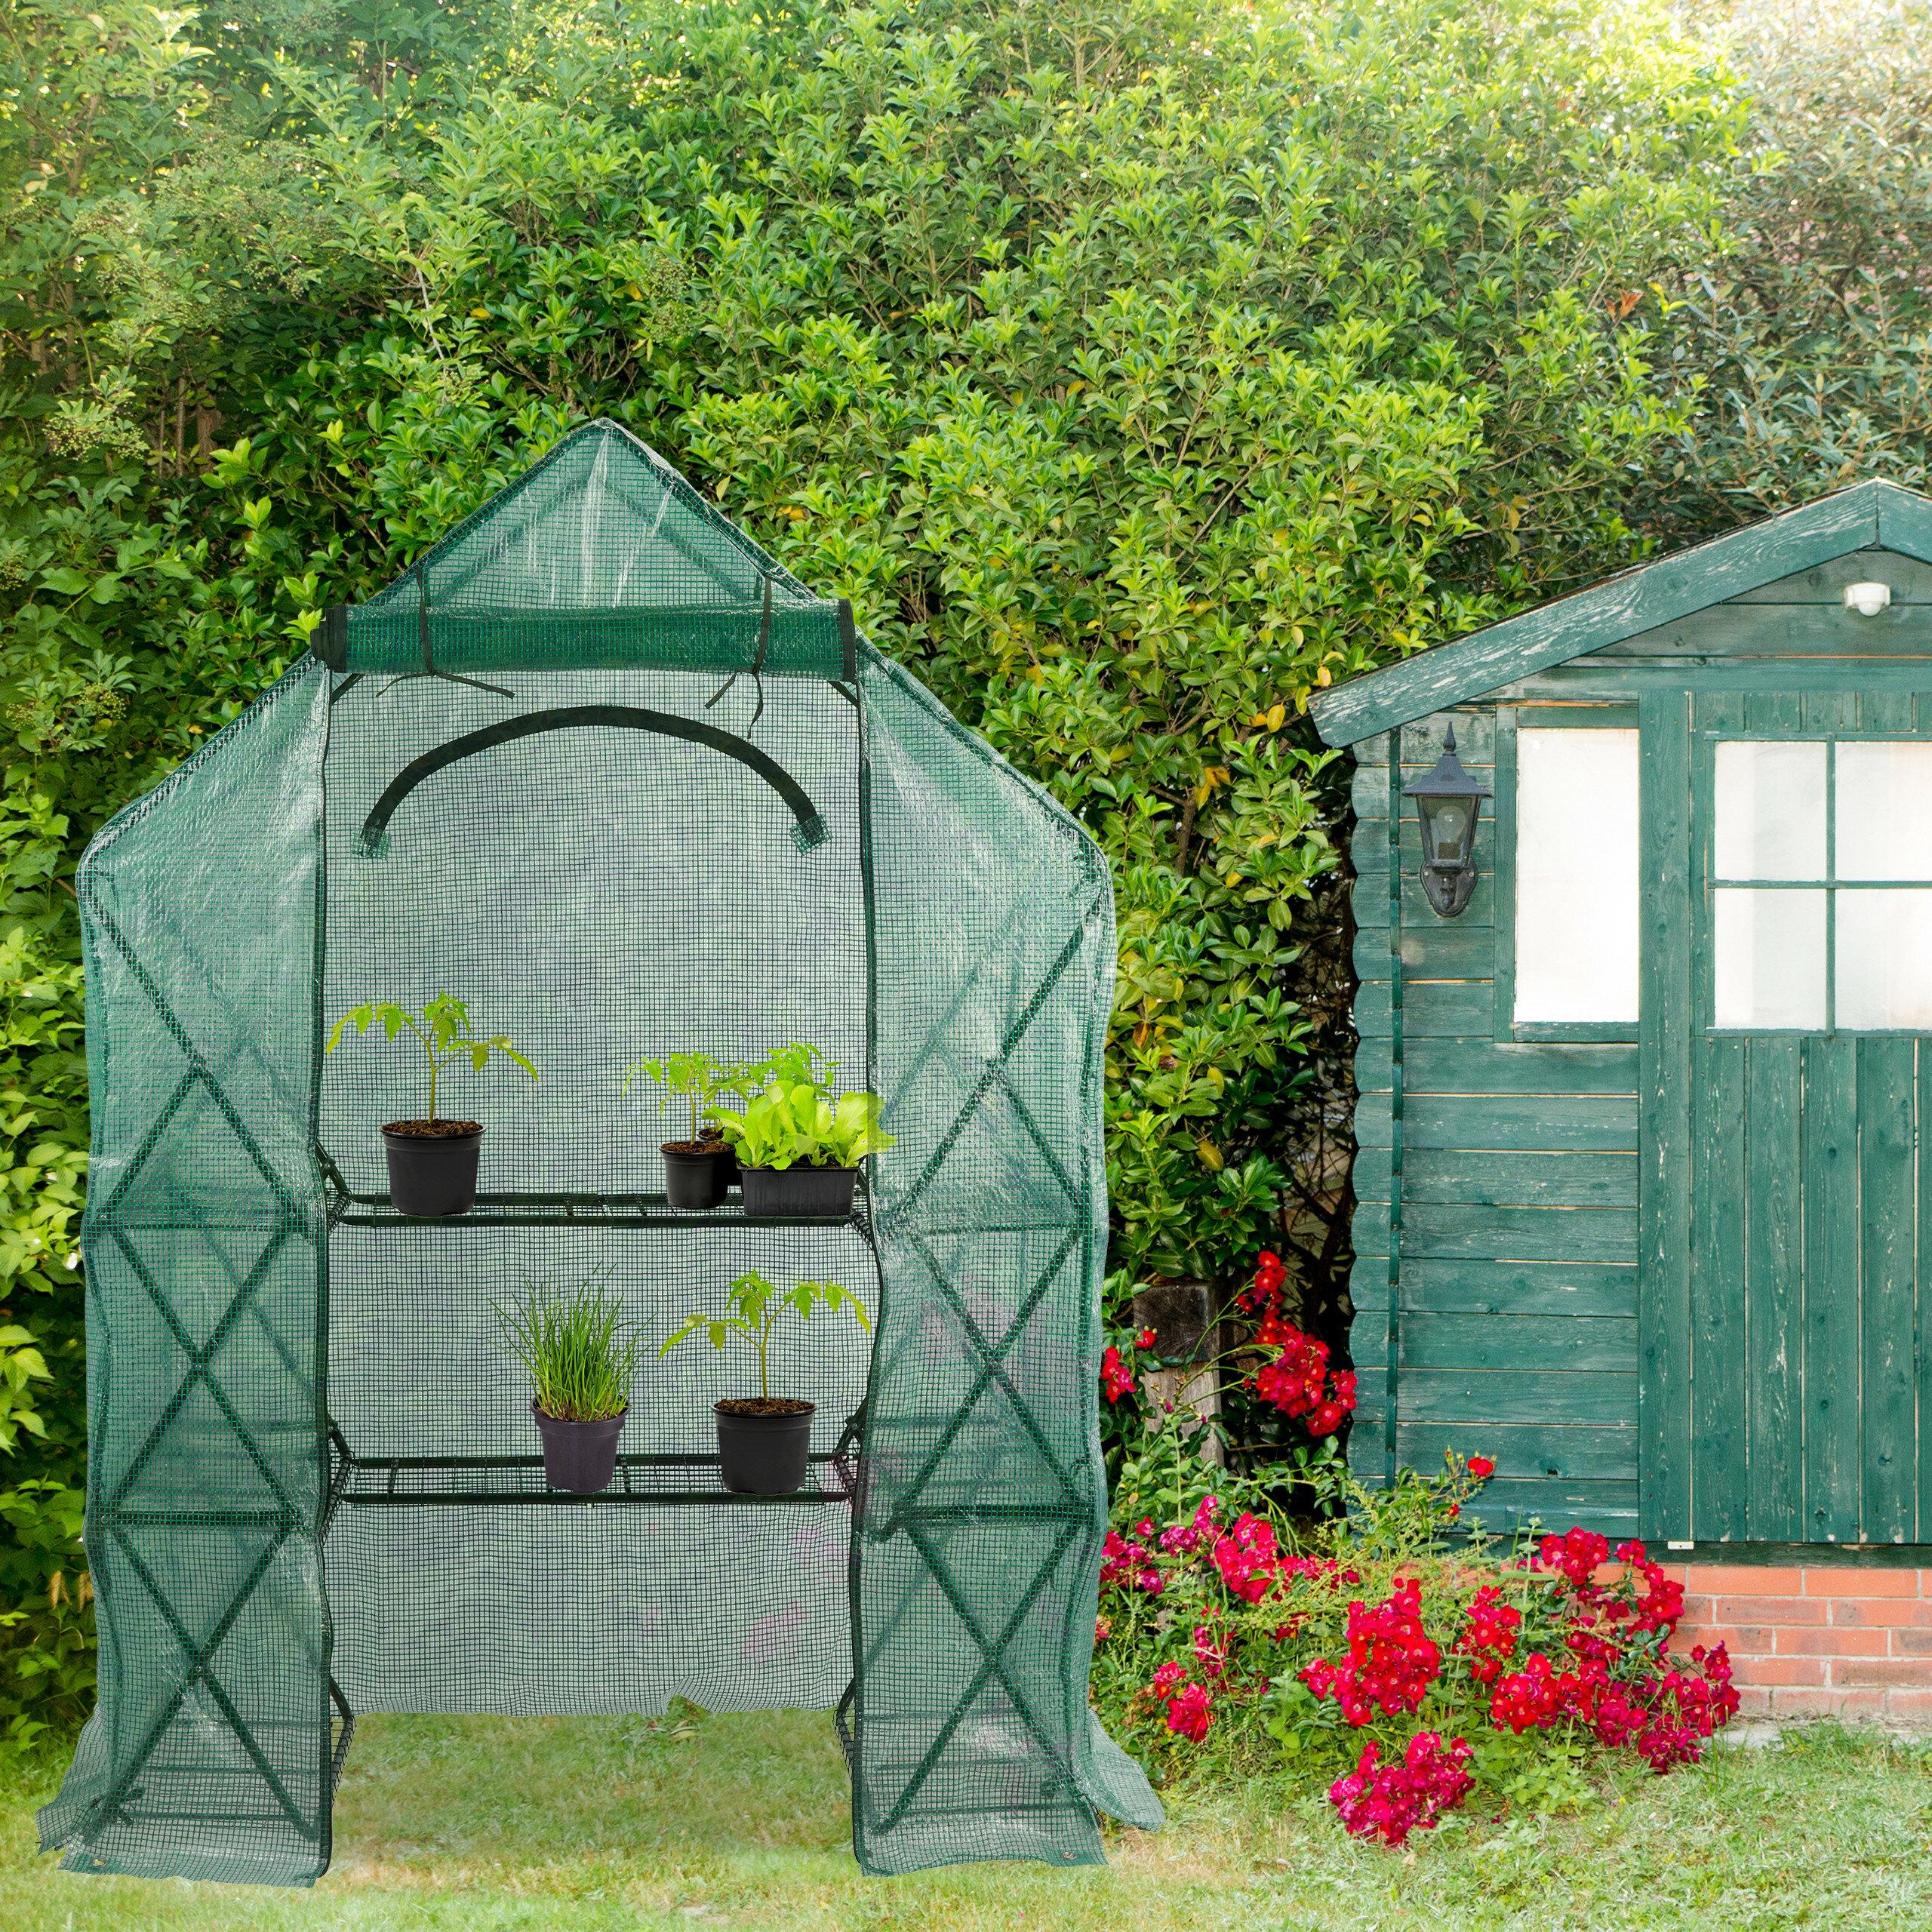 Mini Gewächshaus Rahmen Abdeckung PVC Abdeckung Startseite Terrasse Garten